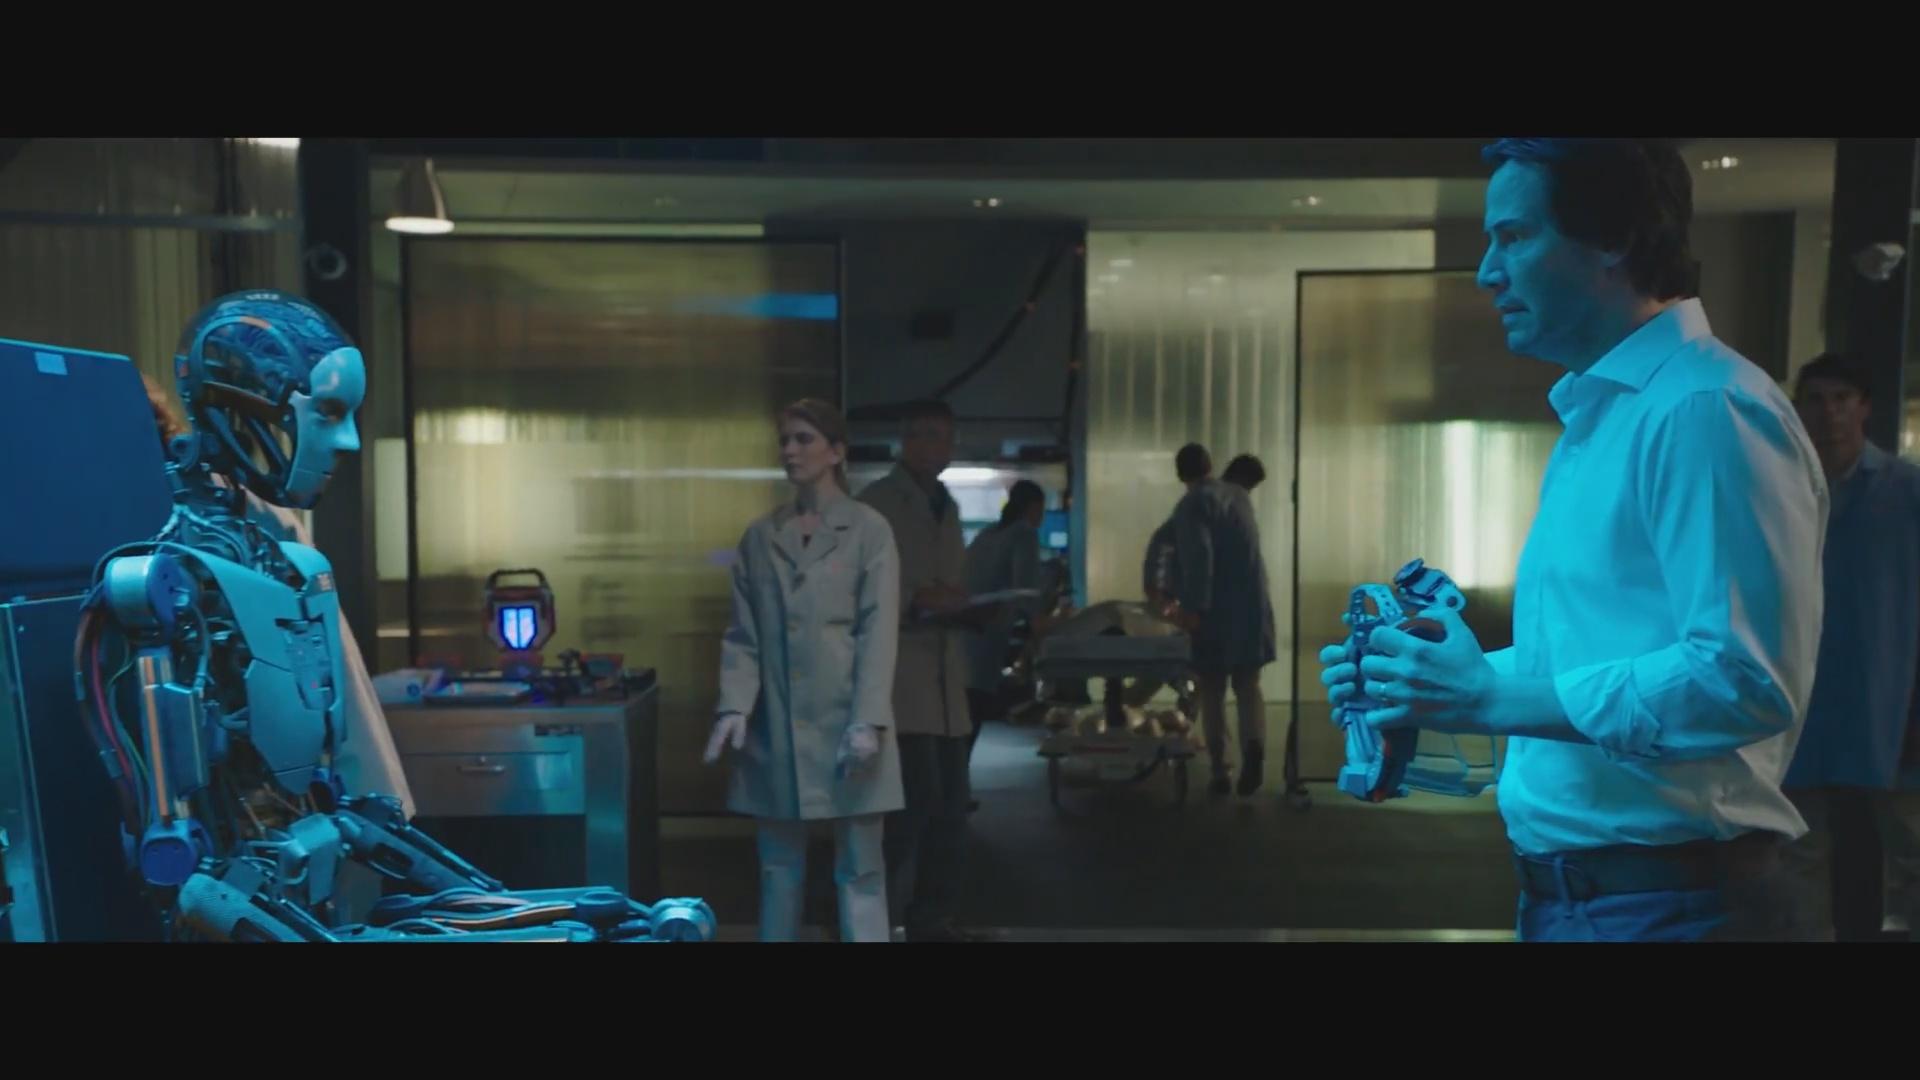 基努·里维斯2018年科幻新作《克隆人》首曝电影预告